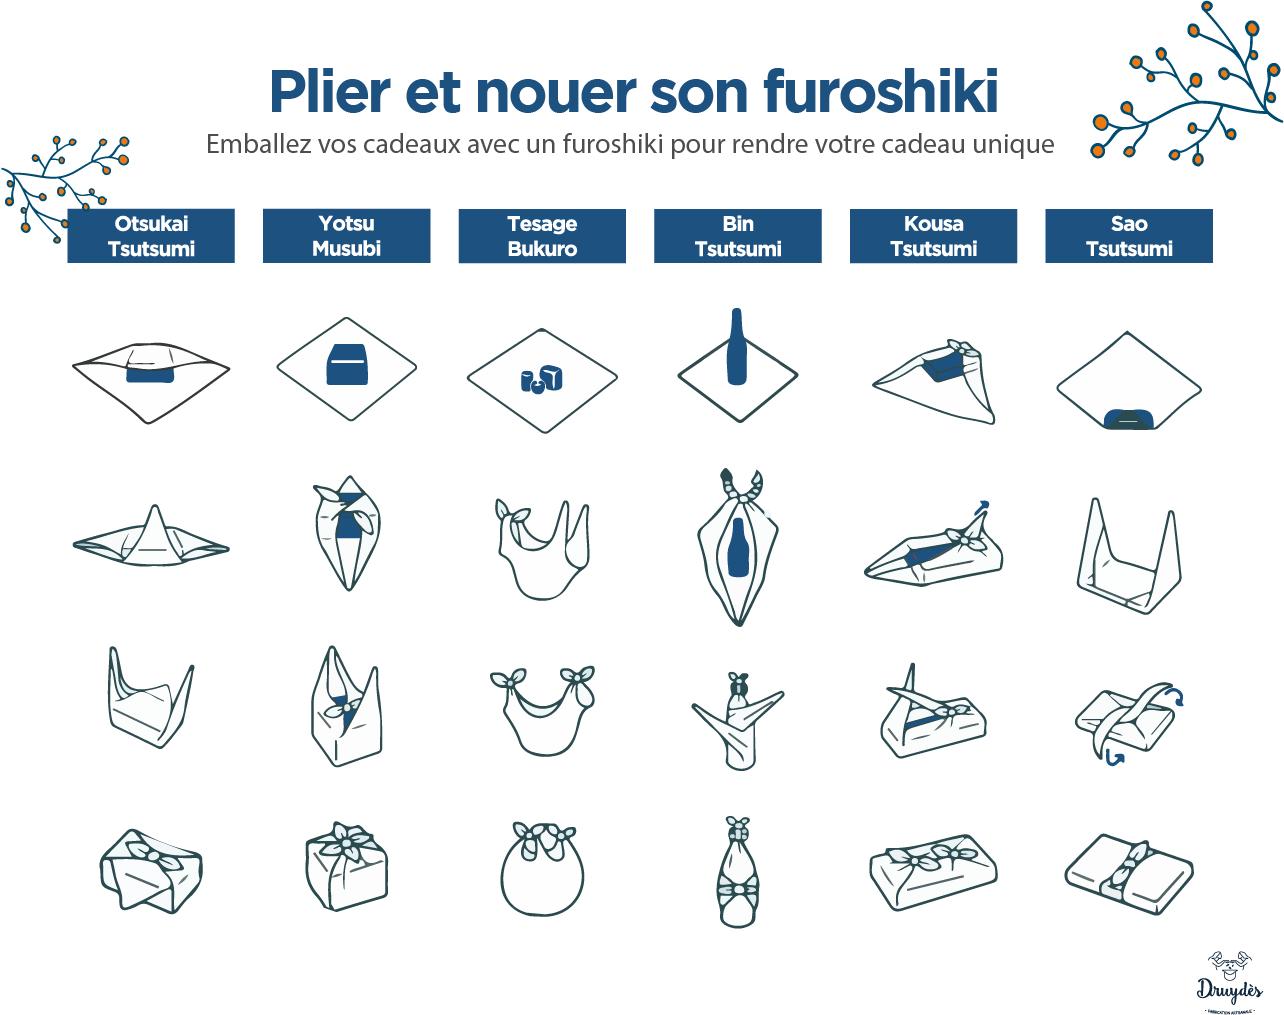 Notice-Plier-les-Furoshikis-.png